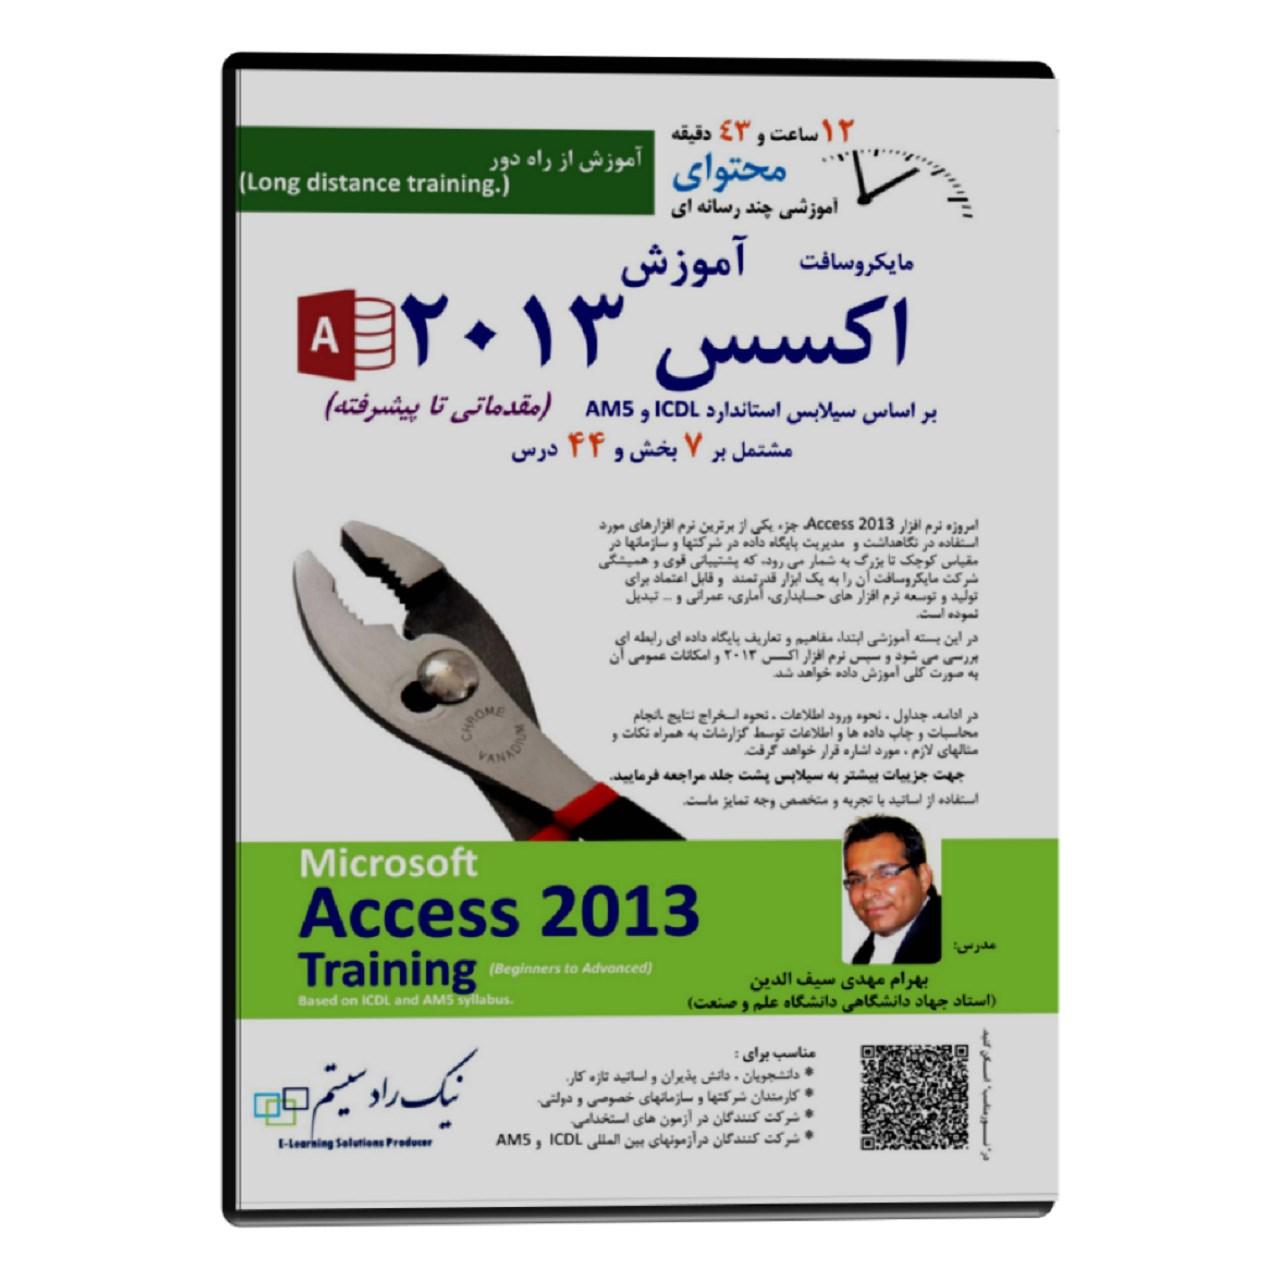 آموزش تصویری Microsoft Access 2013 نشر نیک راد سیستم